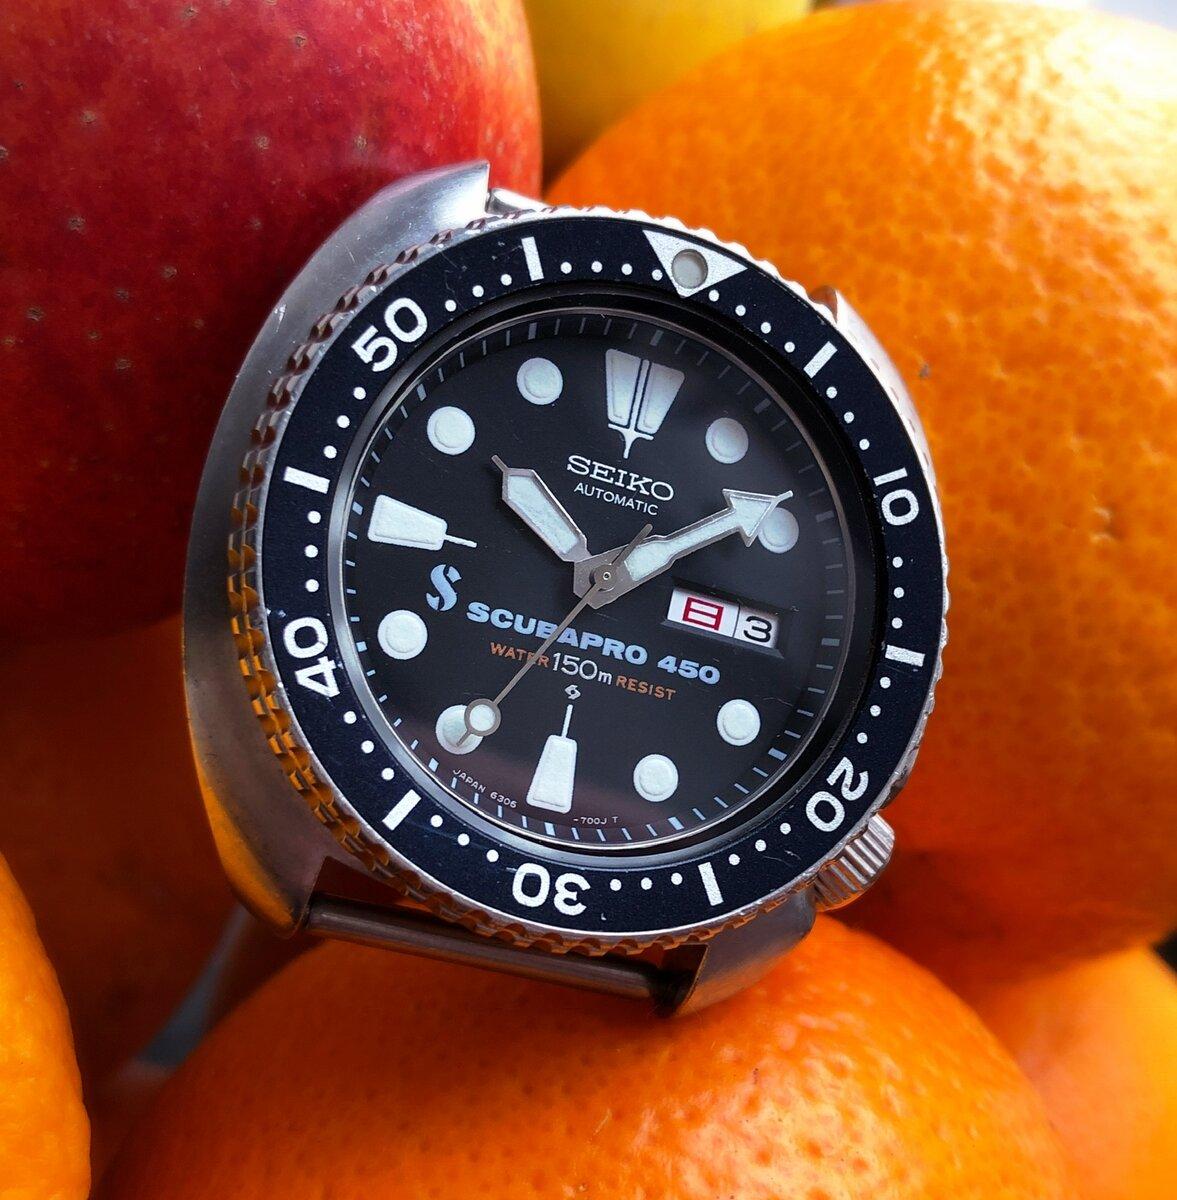 EBEB4D86-8D8F-41F1-987C-A68EF8961E57.